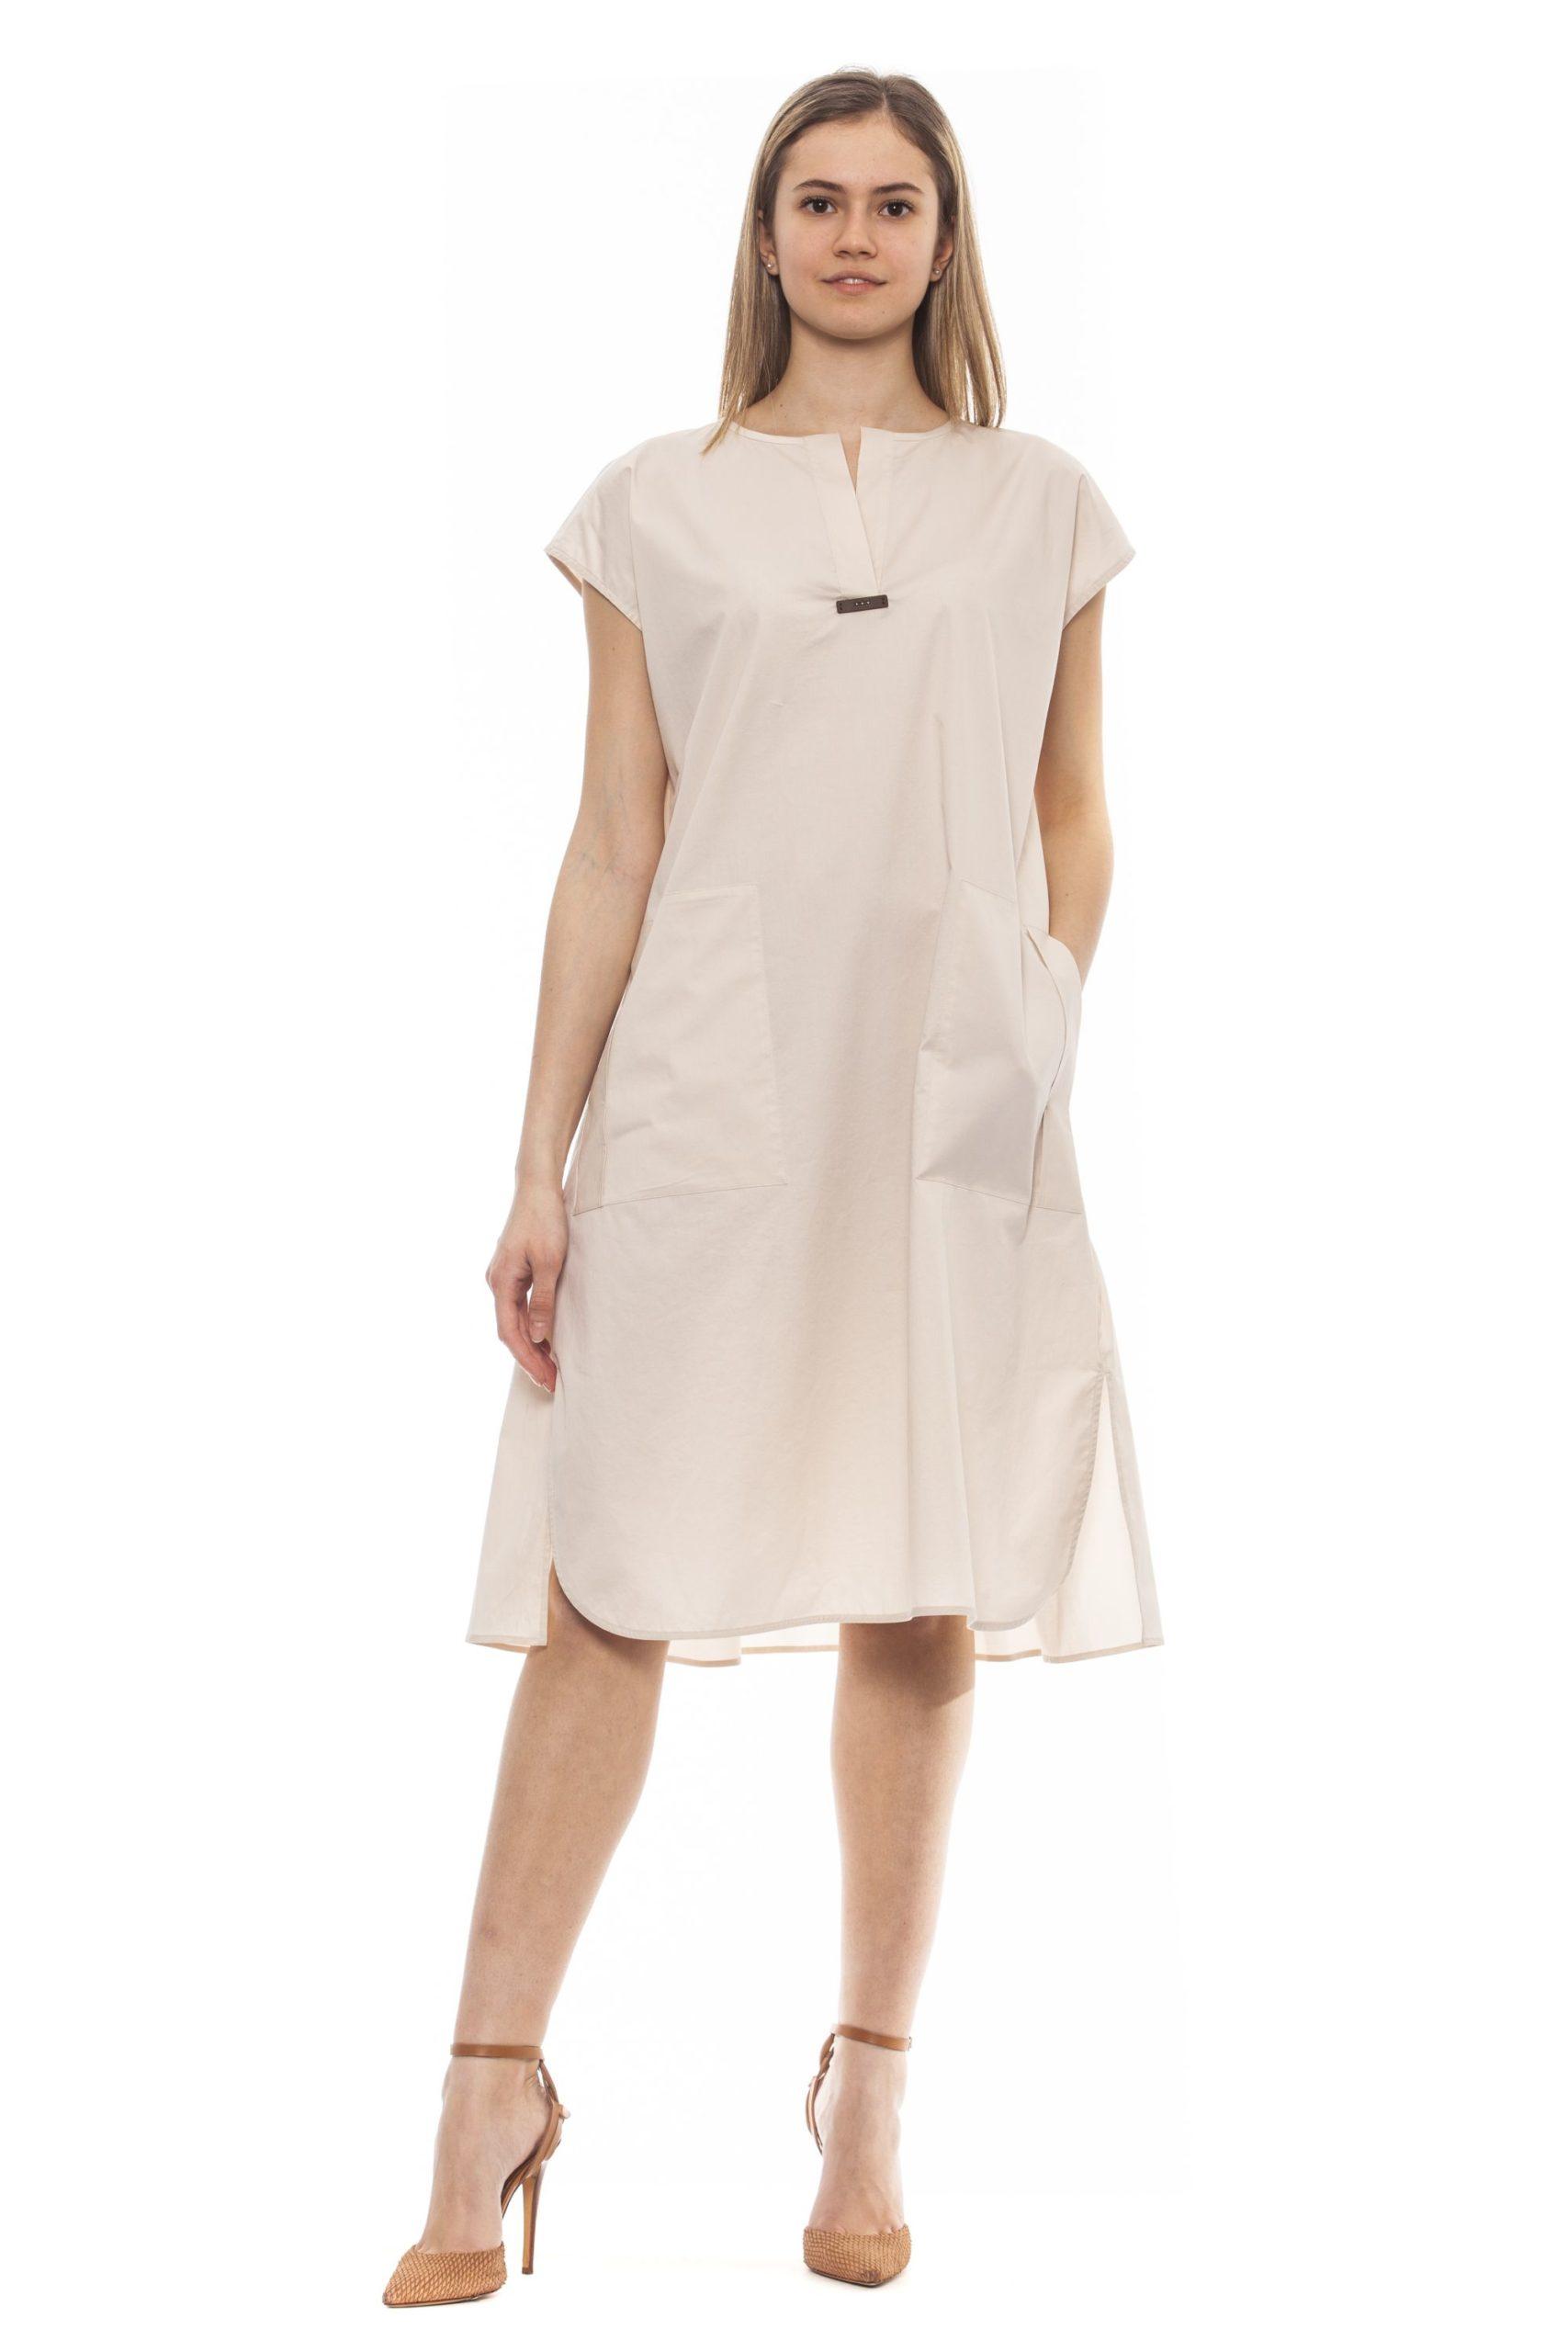 Peserico Women's Bianco Dress Beige PE1383234 - IT42 | S